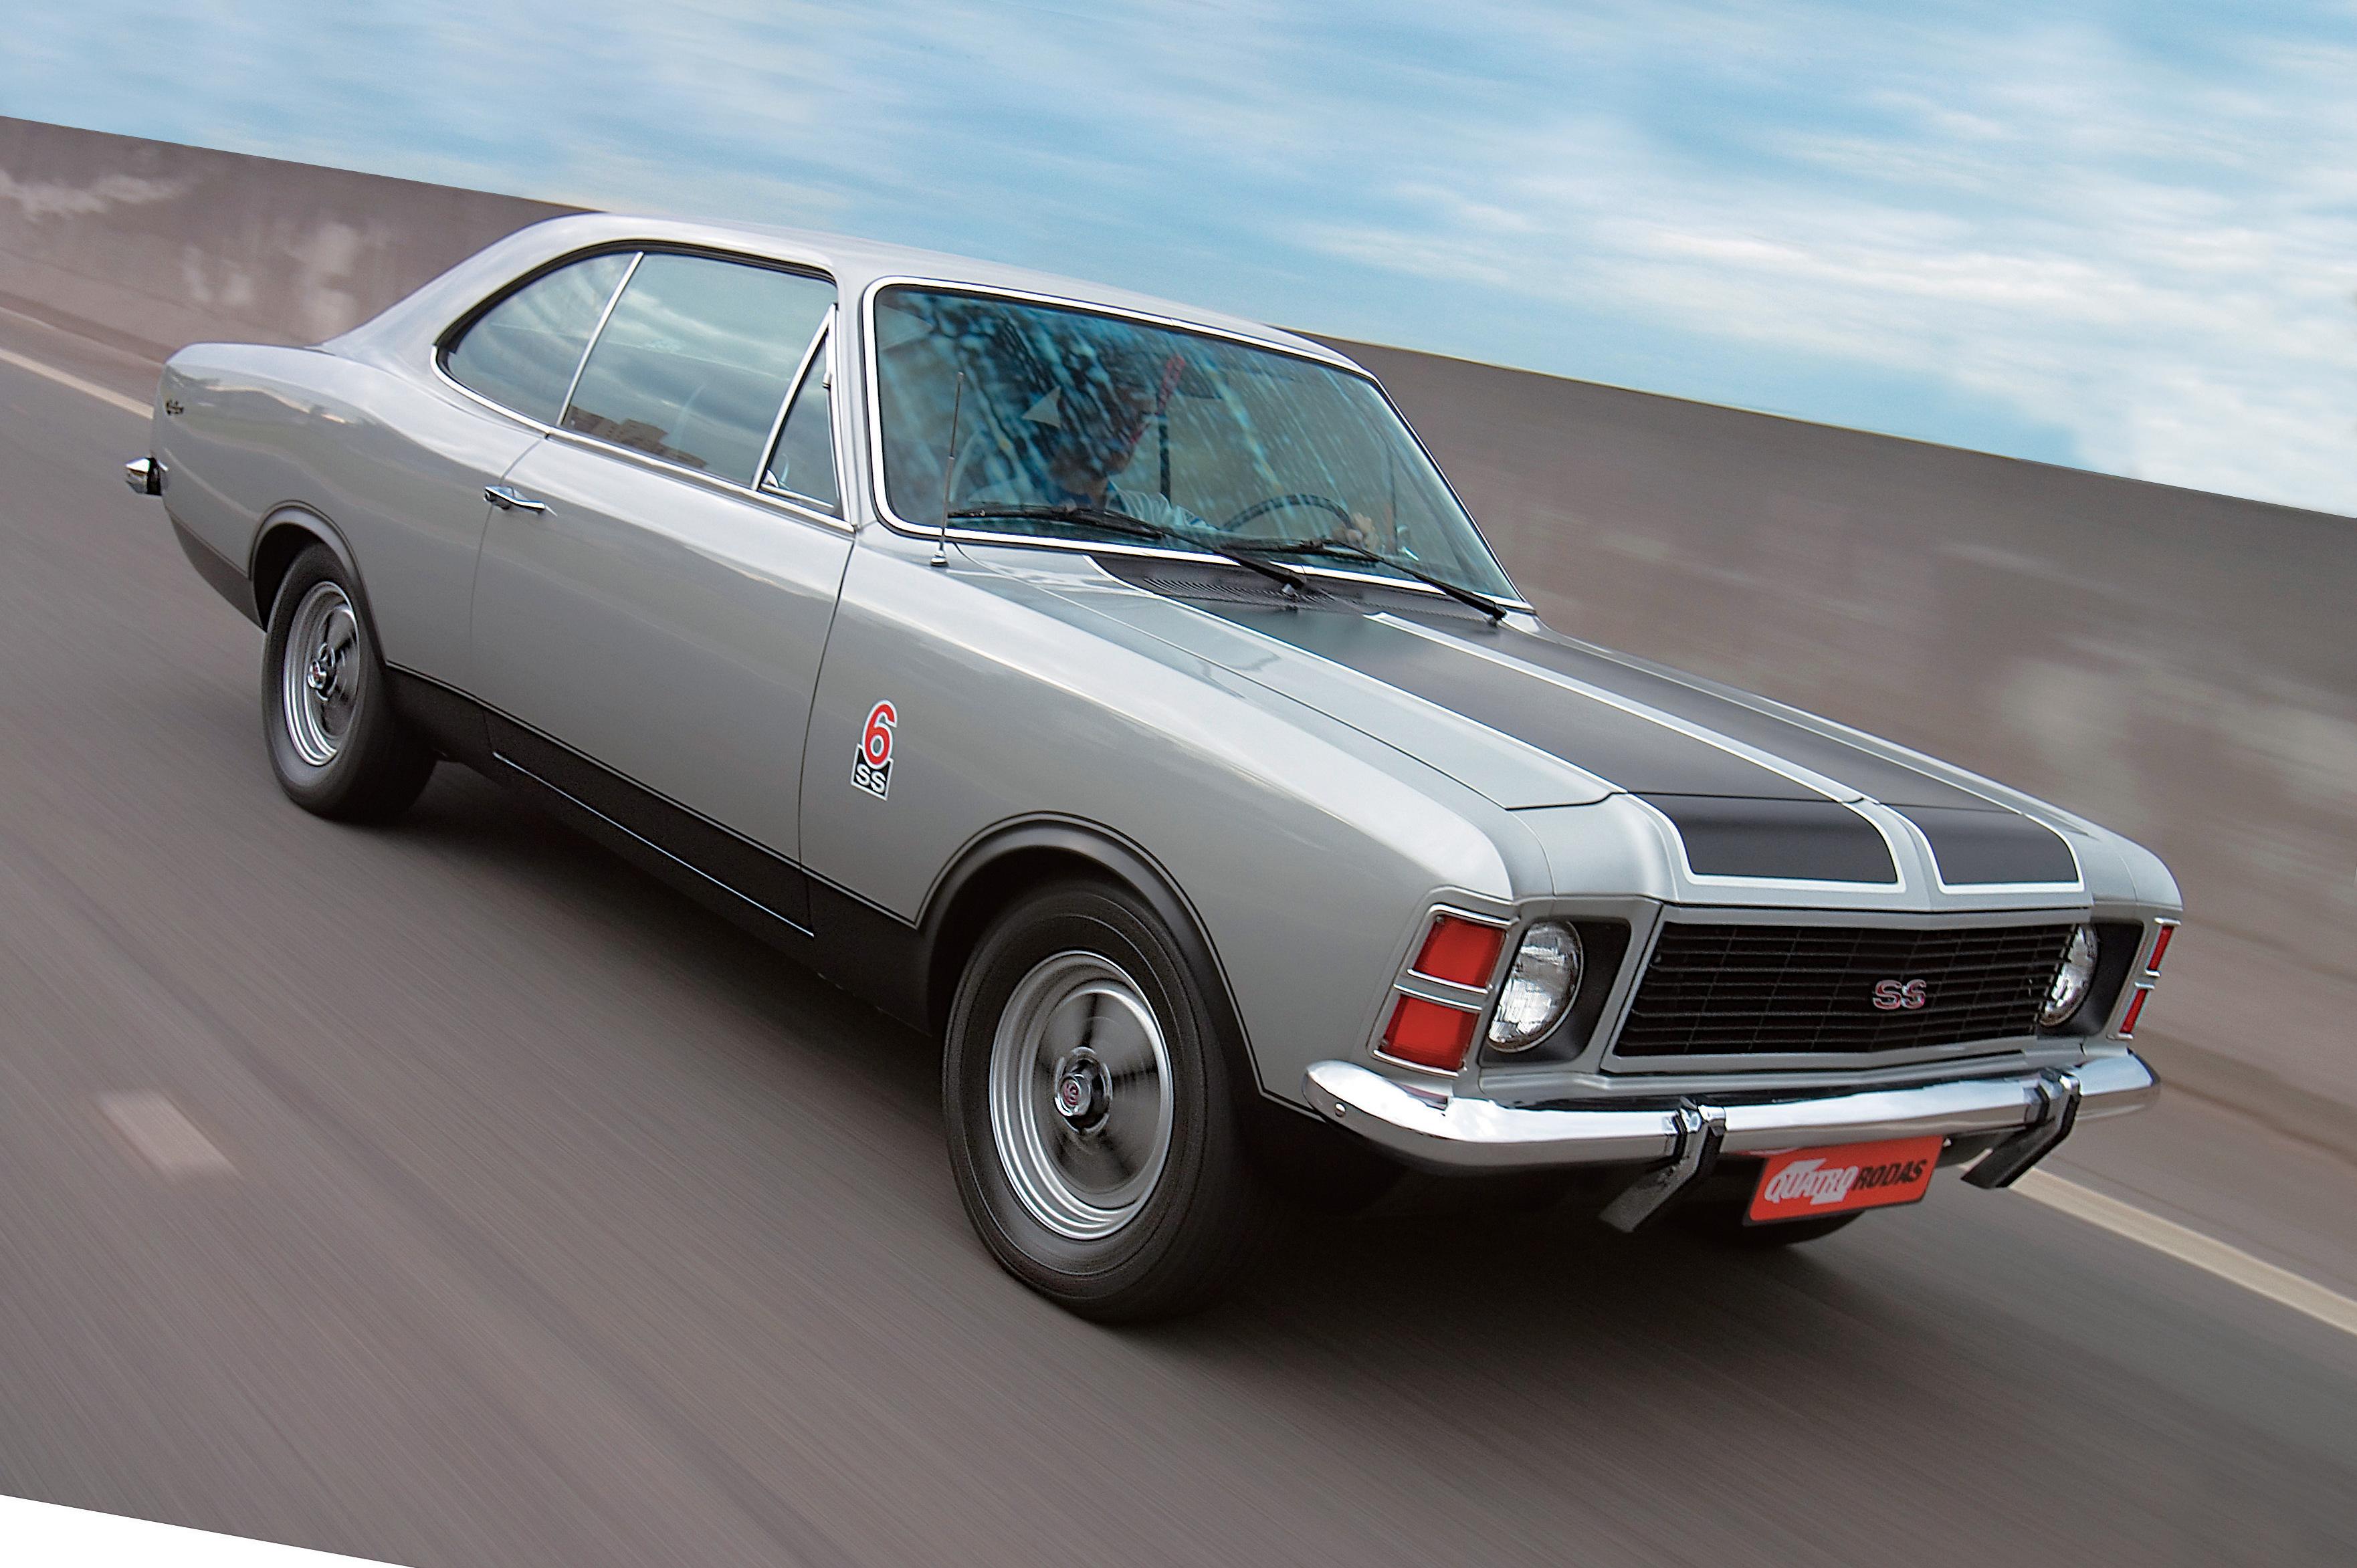 Opala SS, modelo 1976 da Chevrolet, testado pela revista Quatro Rodas.